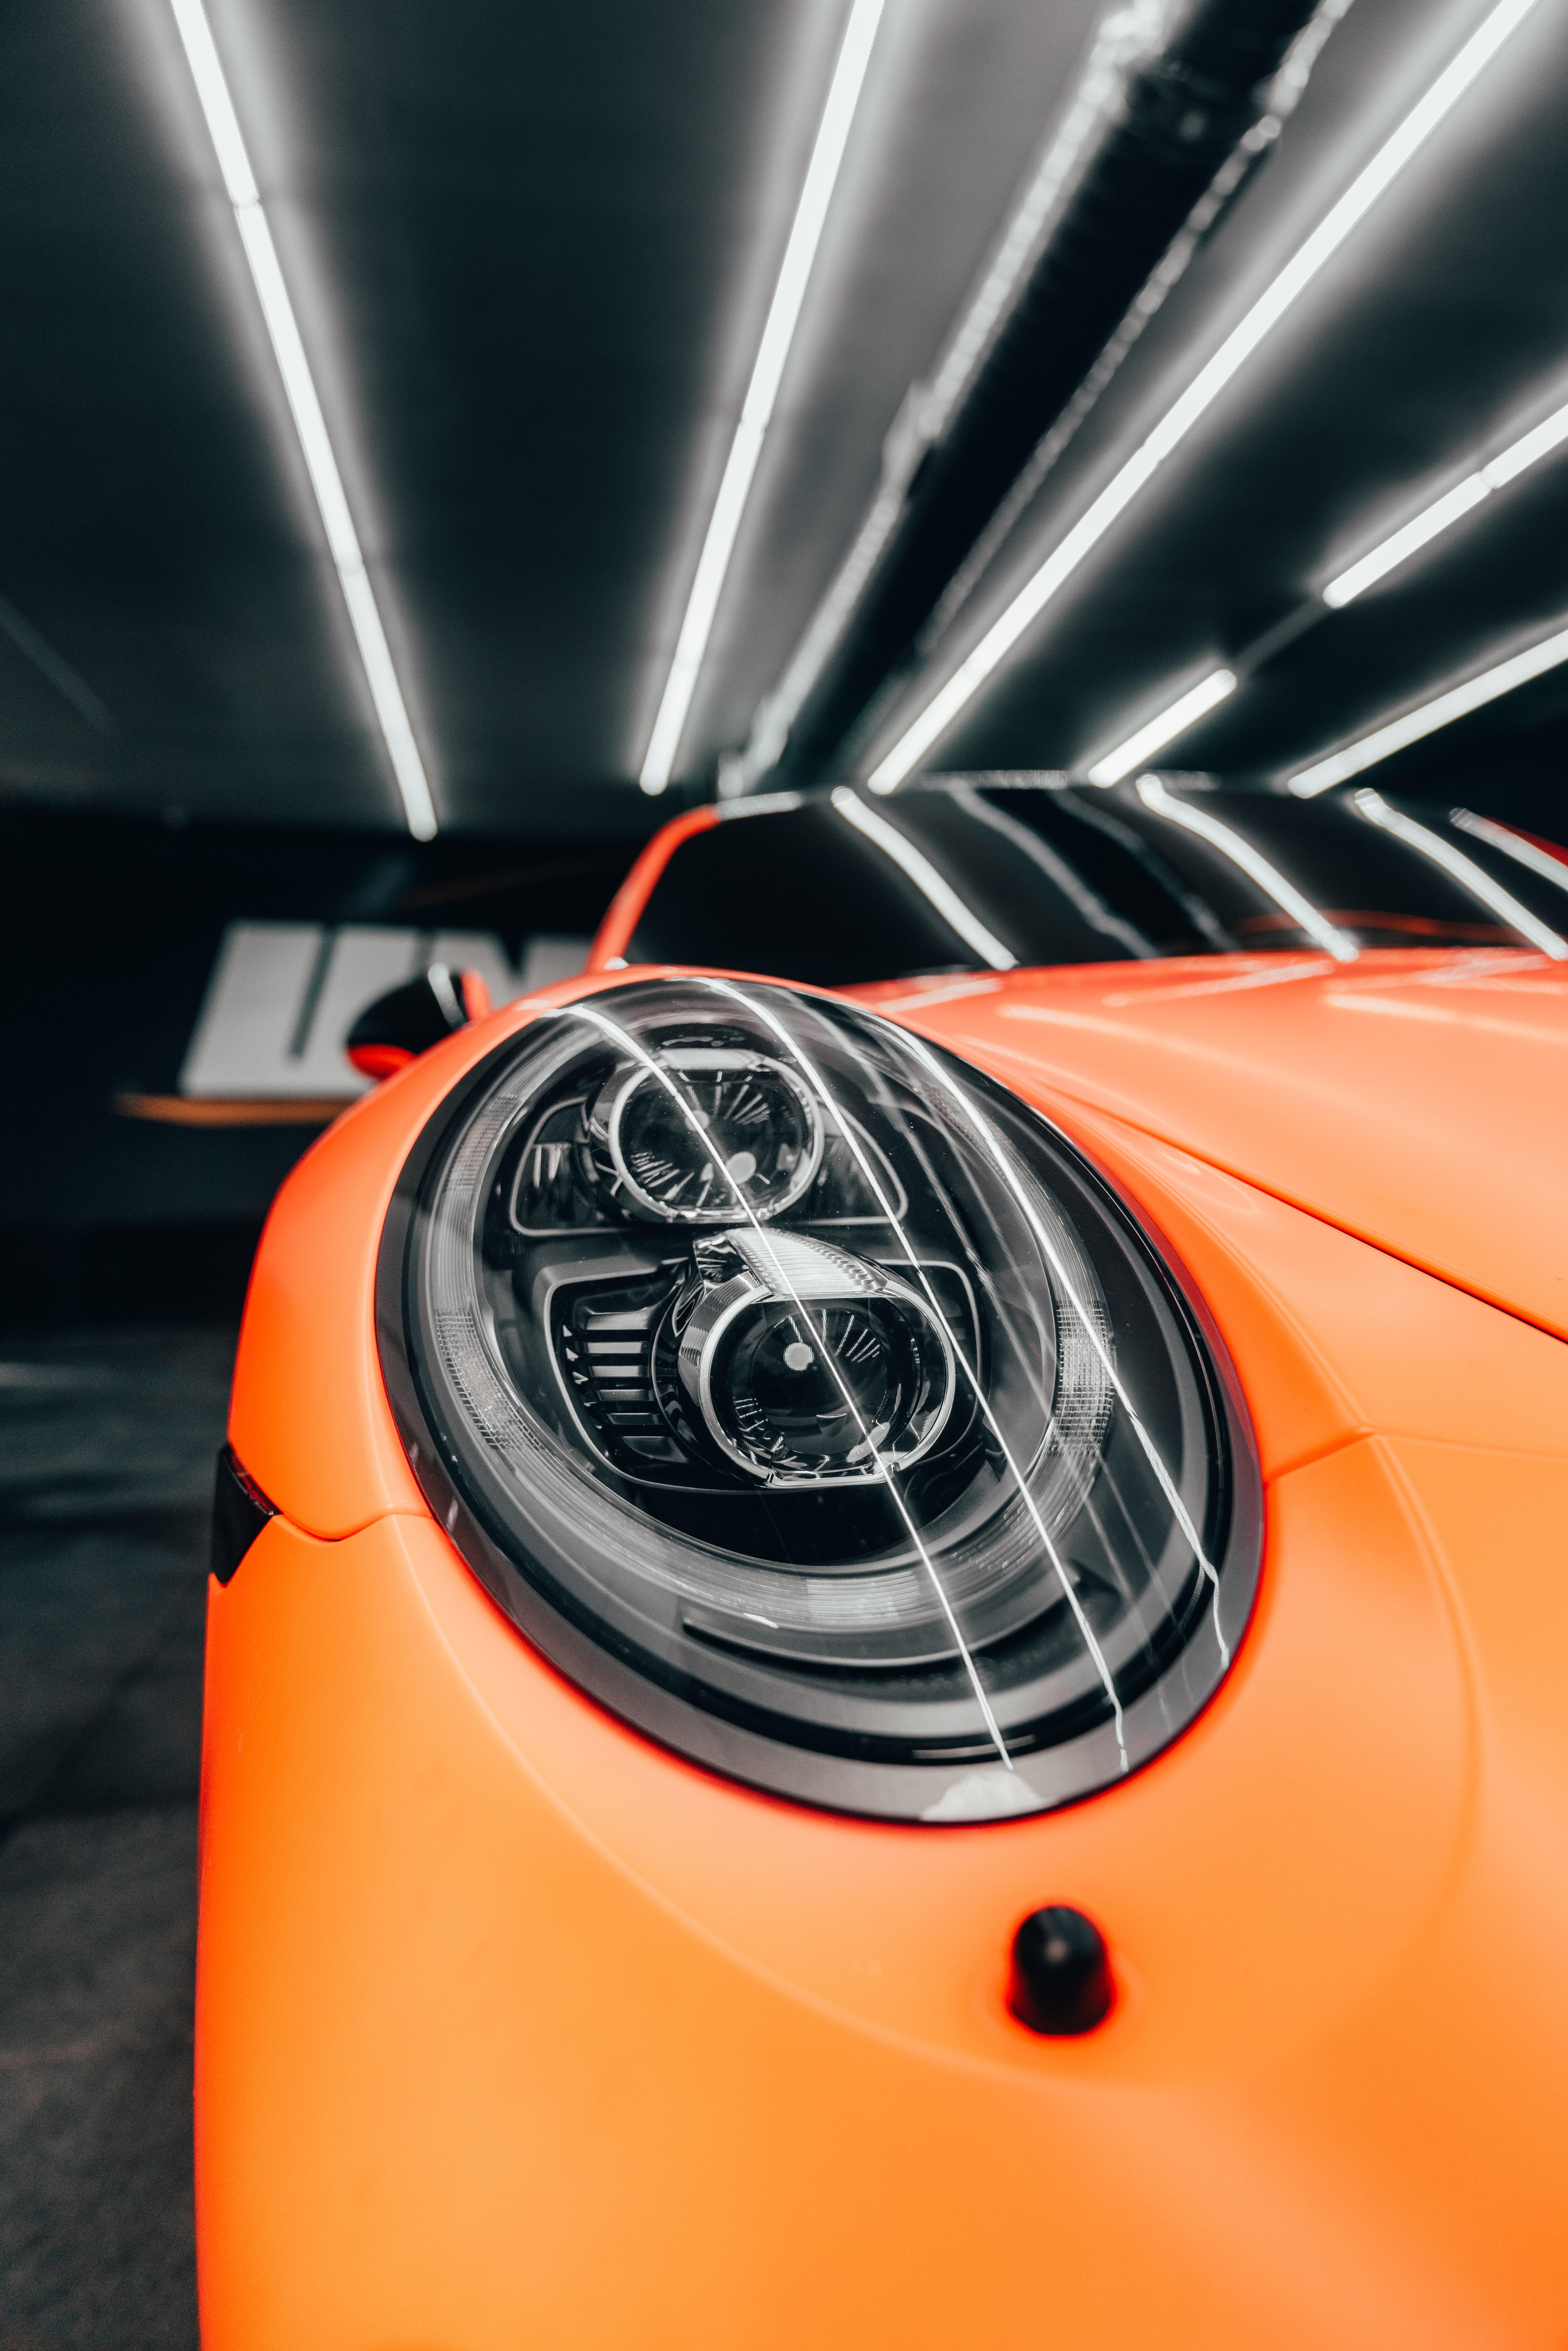 155590 Заставки и Обои Порш (Porsche) на телефон. Скачать Порш (Porsche), Тачки (Cars), Автомобиль, Вид Спереди, Оранжевый, Фара картинки бесплатно